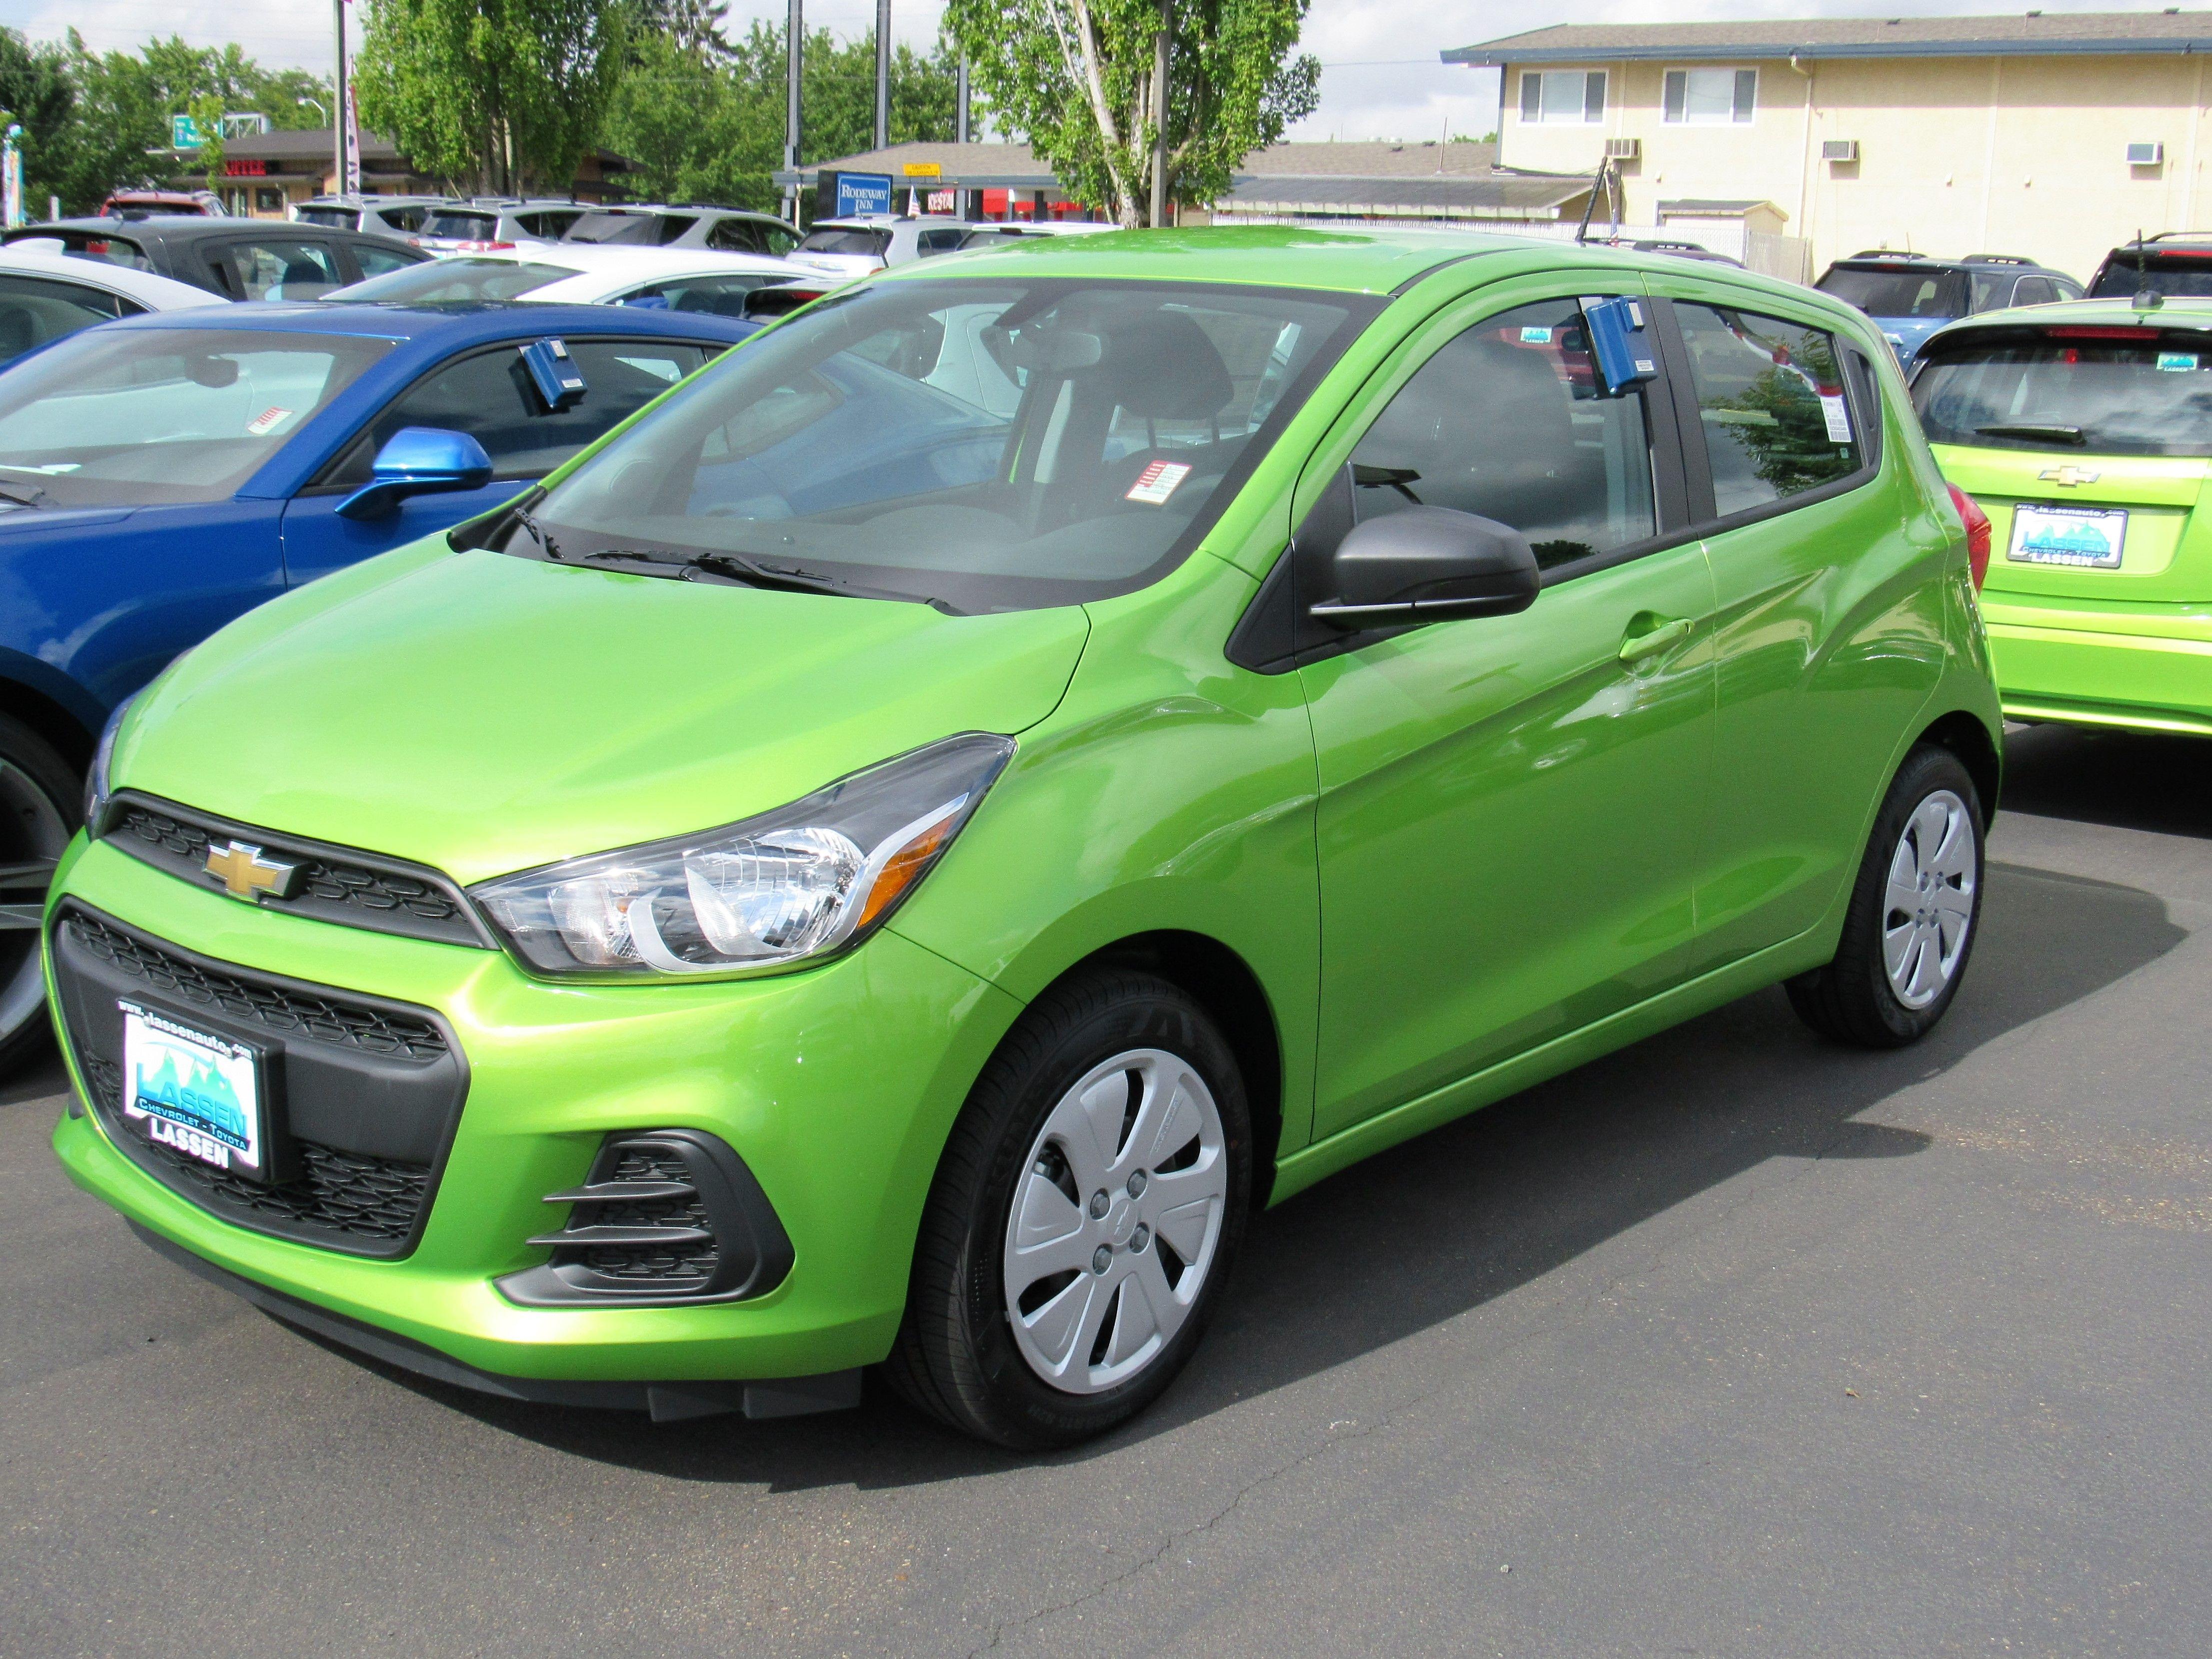 Call (541) 926 4236 For Details 2016 Chevrolet Spark Stock # 6673 Lassen  Chevrolet/Toyota Albany, OR 97322